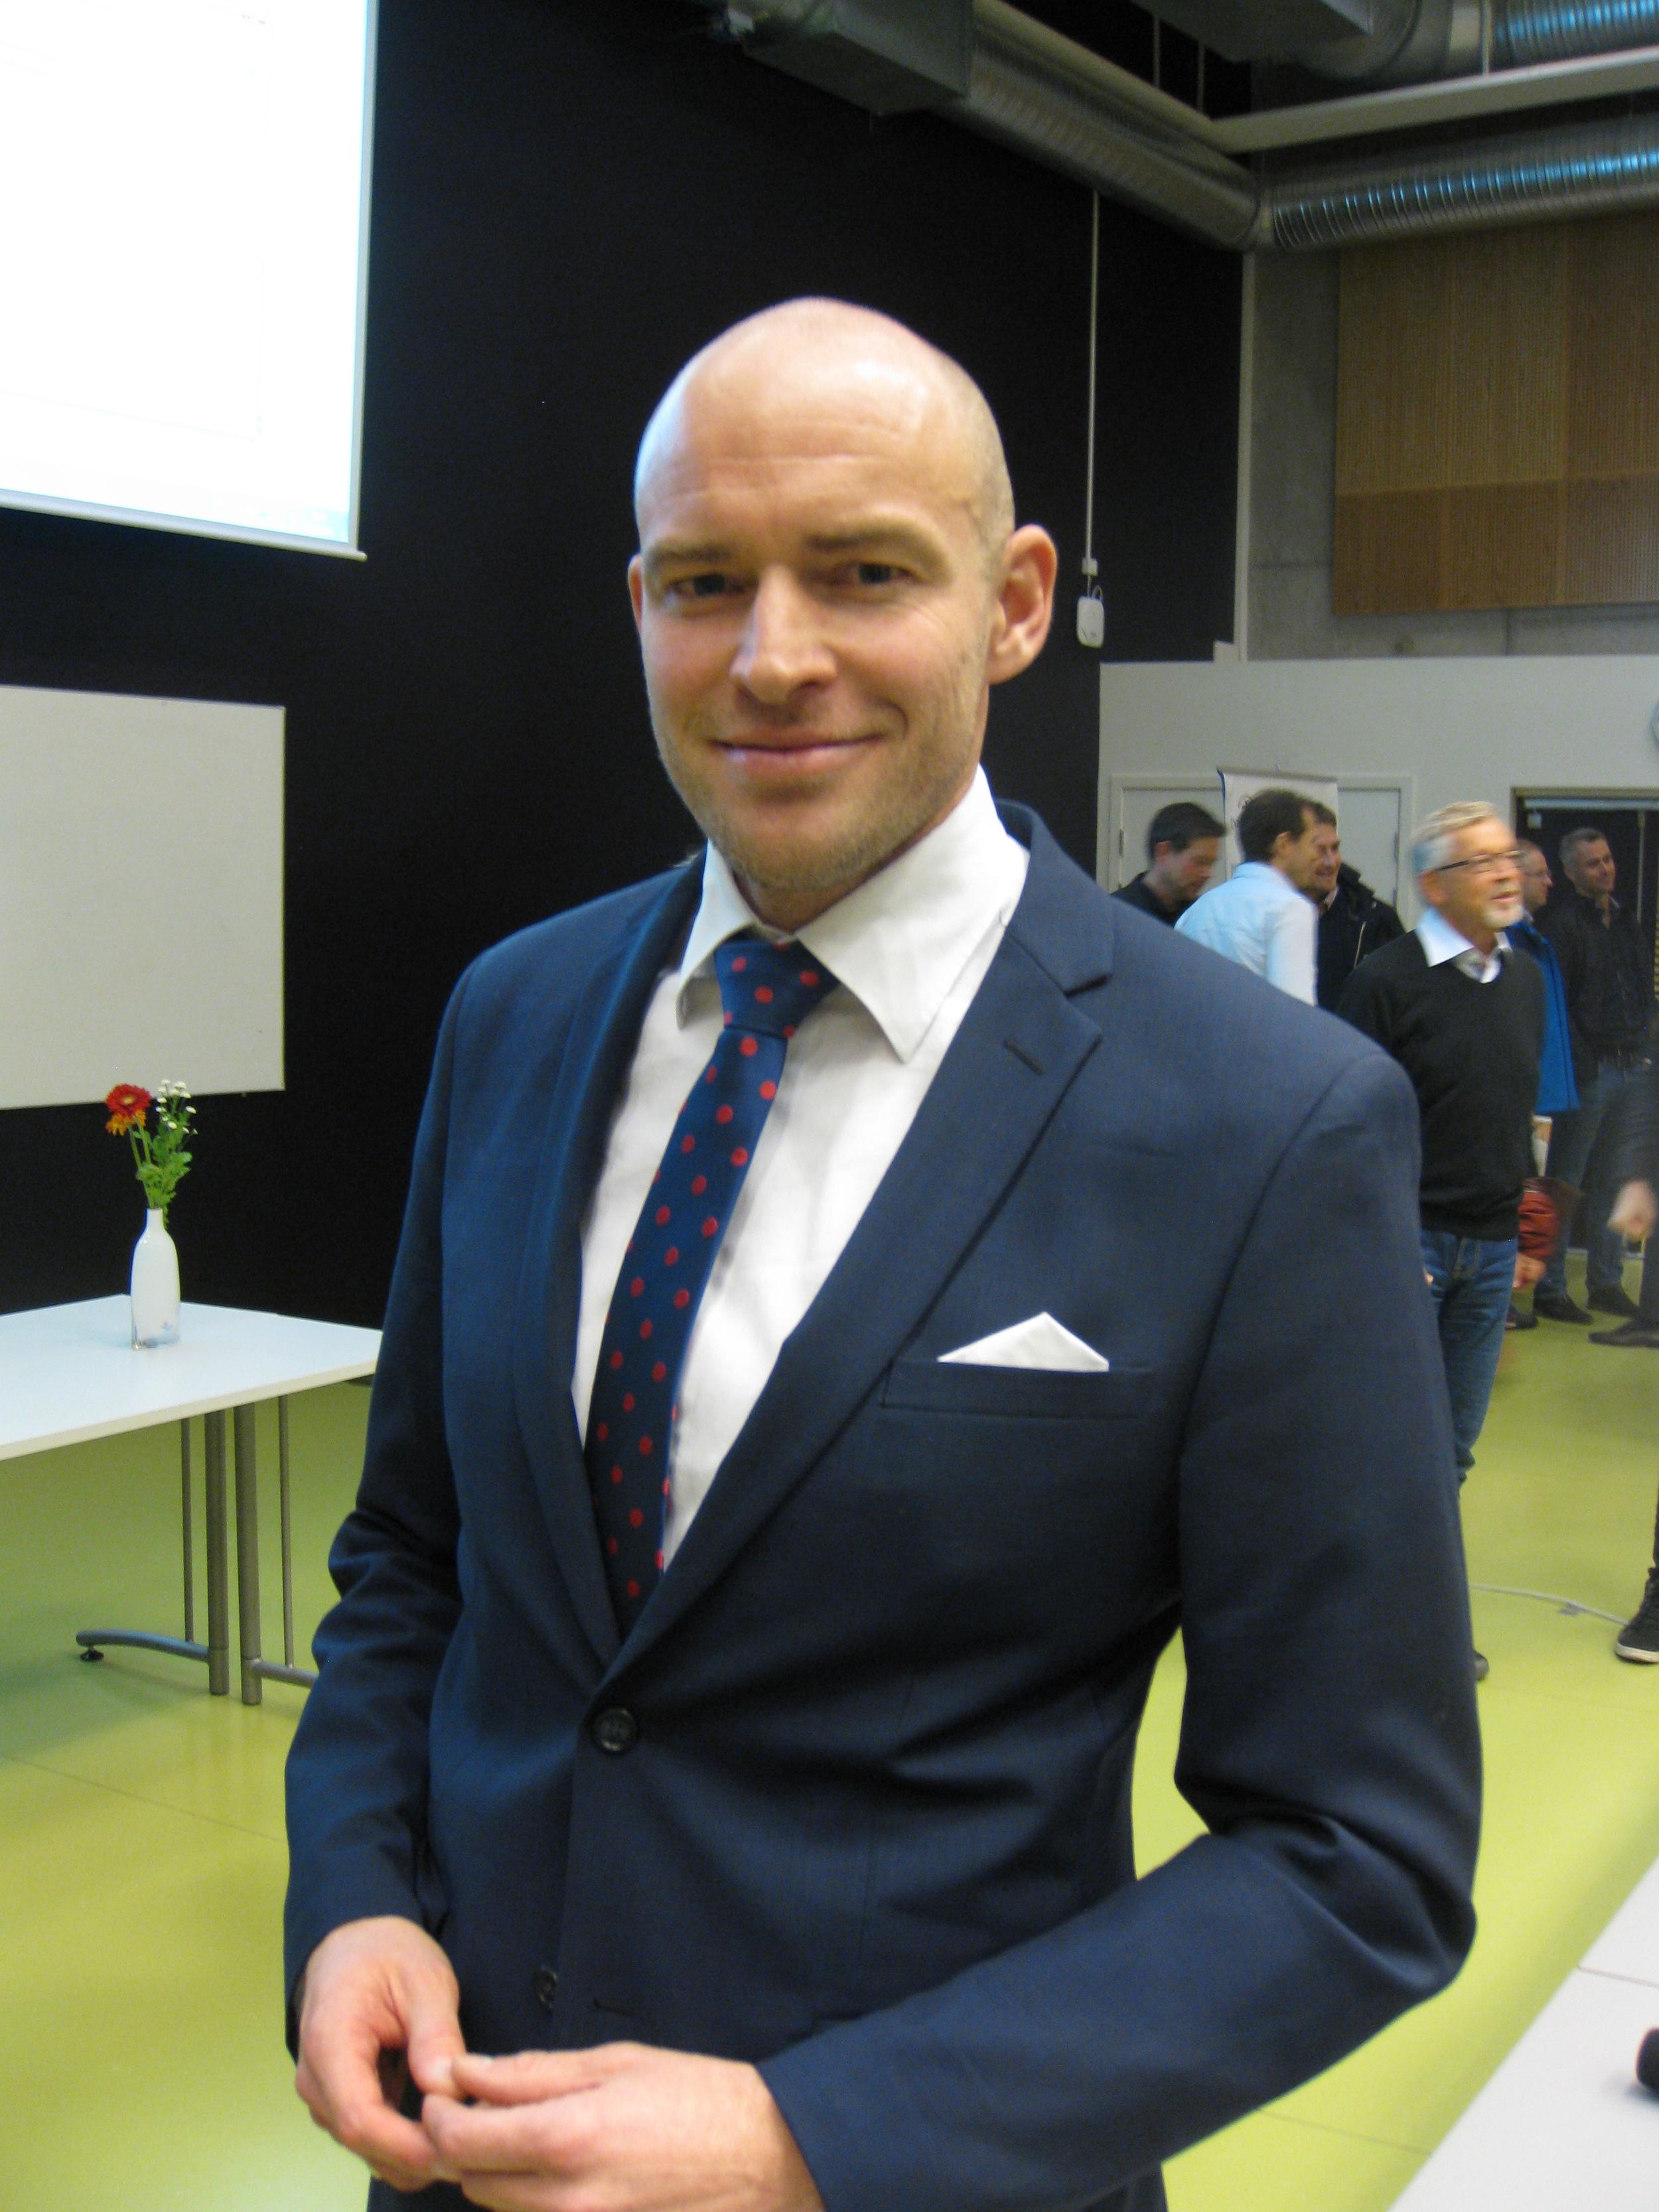 Marius Myrstad briljerte i sin disputas 15. okt 2015. www.forskerlivet.no